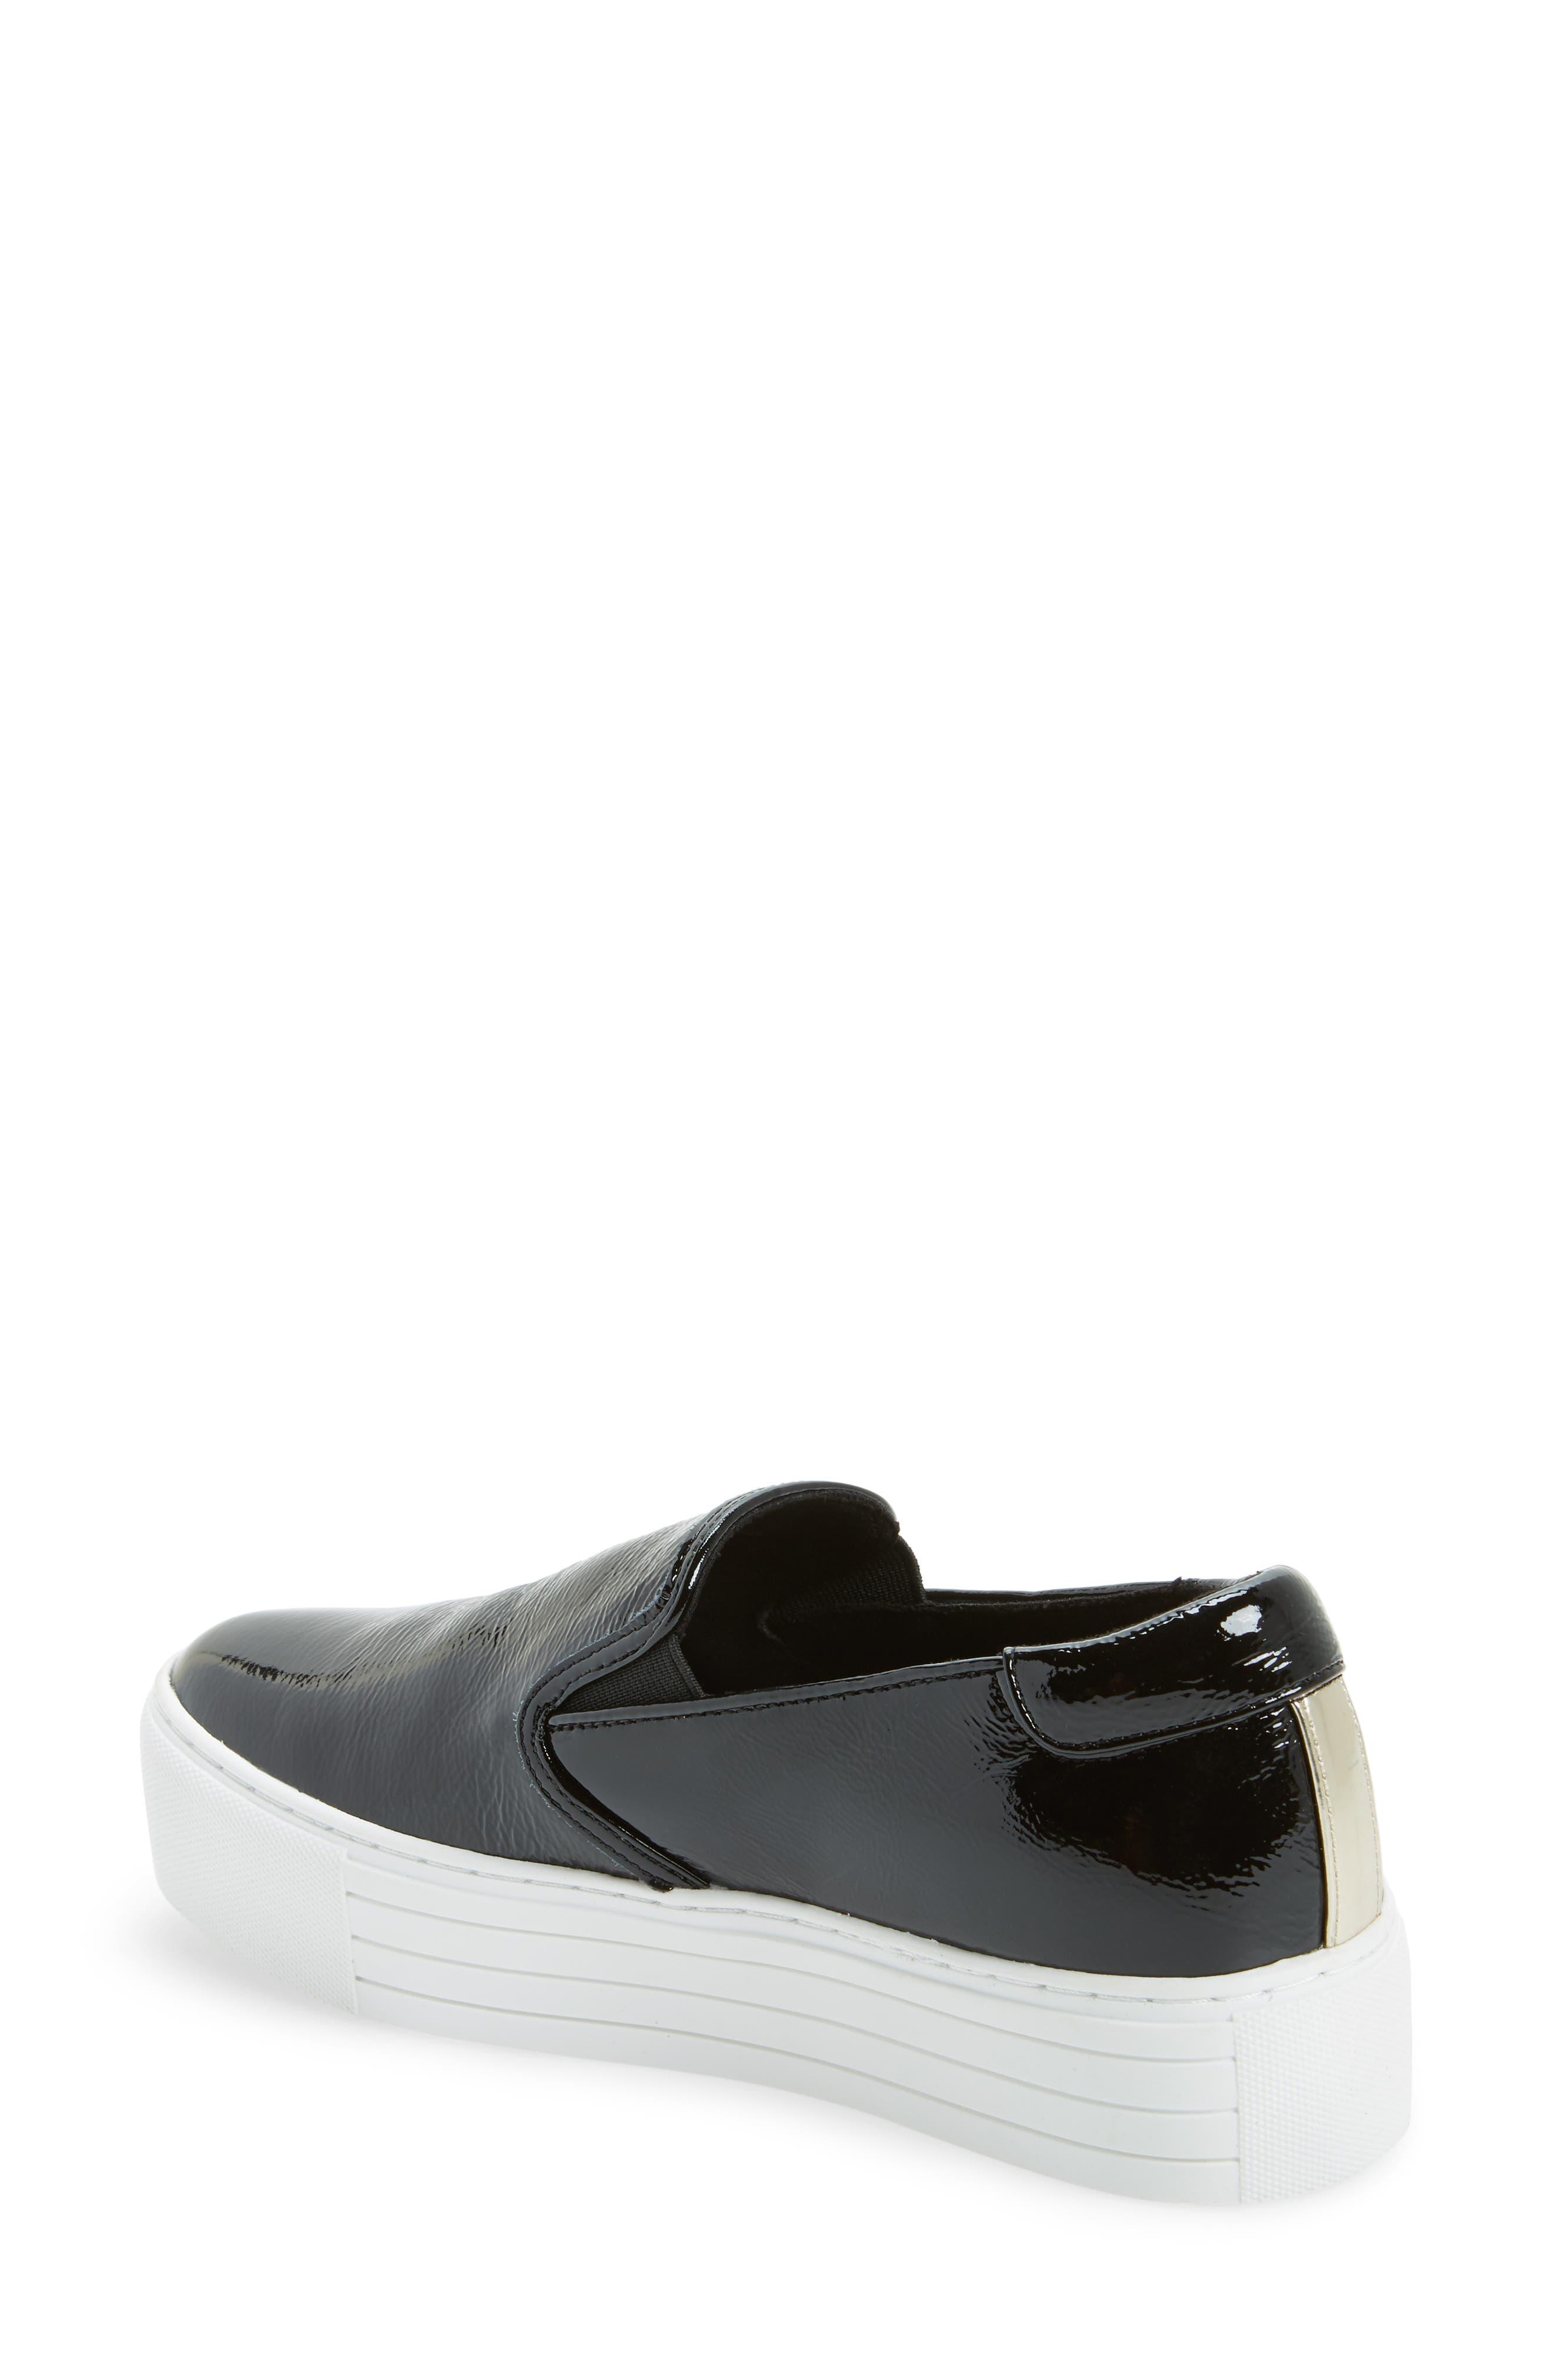 Joanie Slip-On Platform Sneaker,                             Alternate thumbnail 20, color,